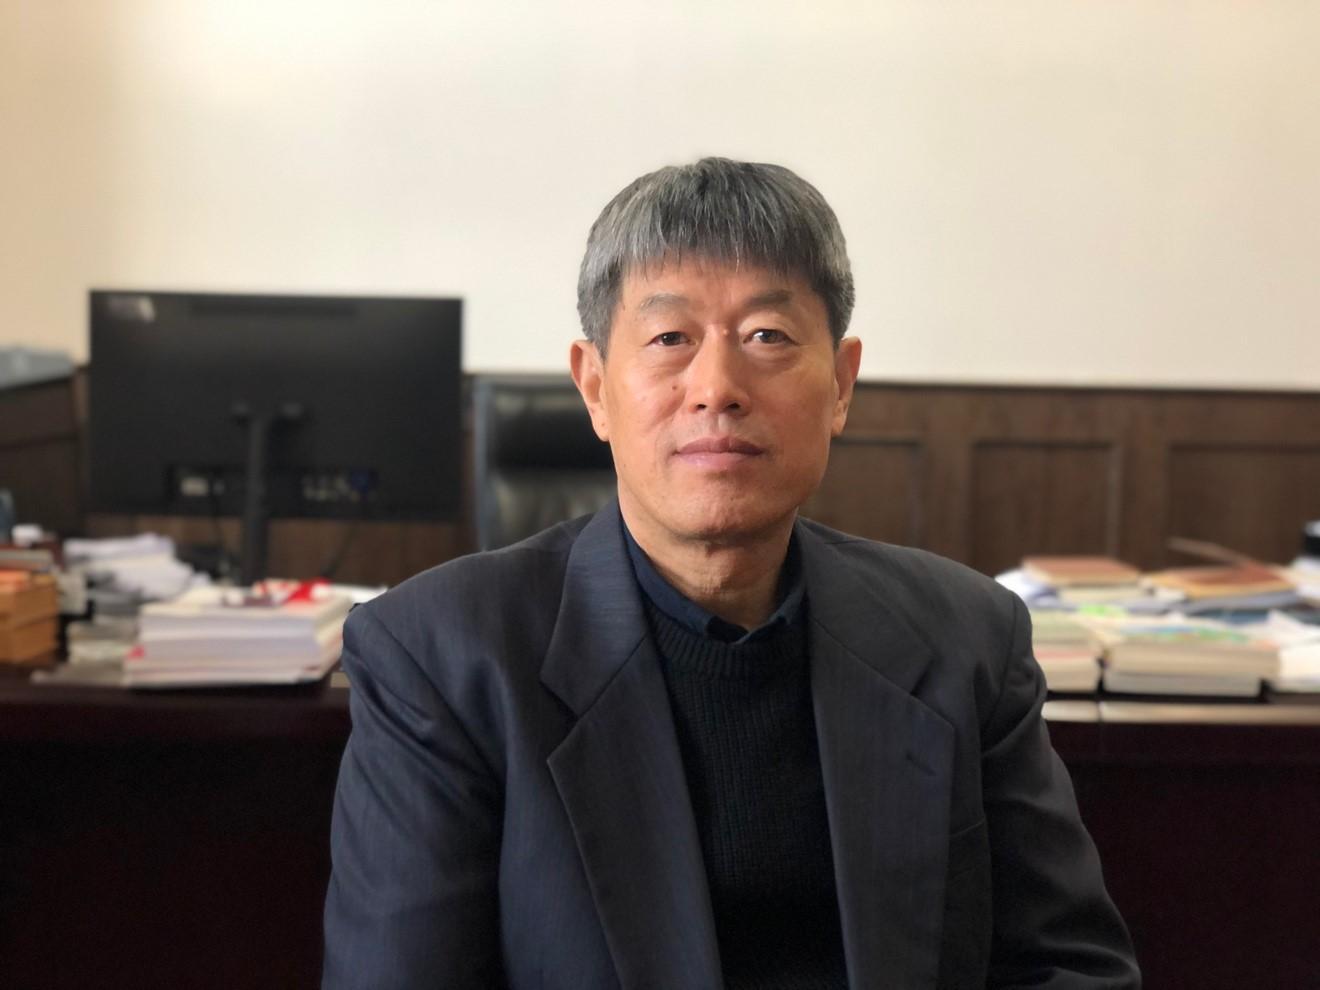 云南大學校長方精云。澎湃新聞記者 湯琪 圖